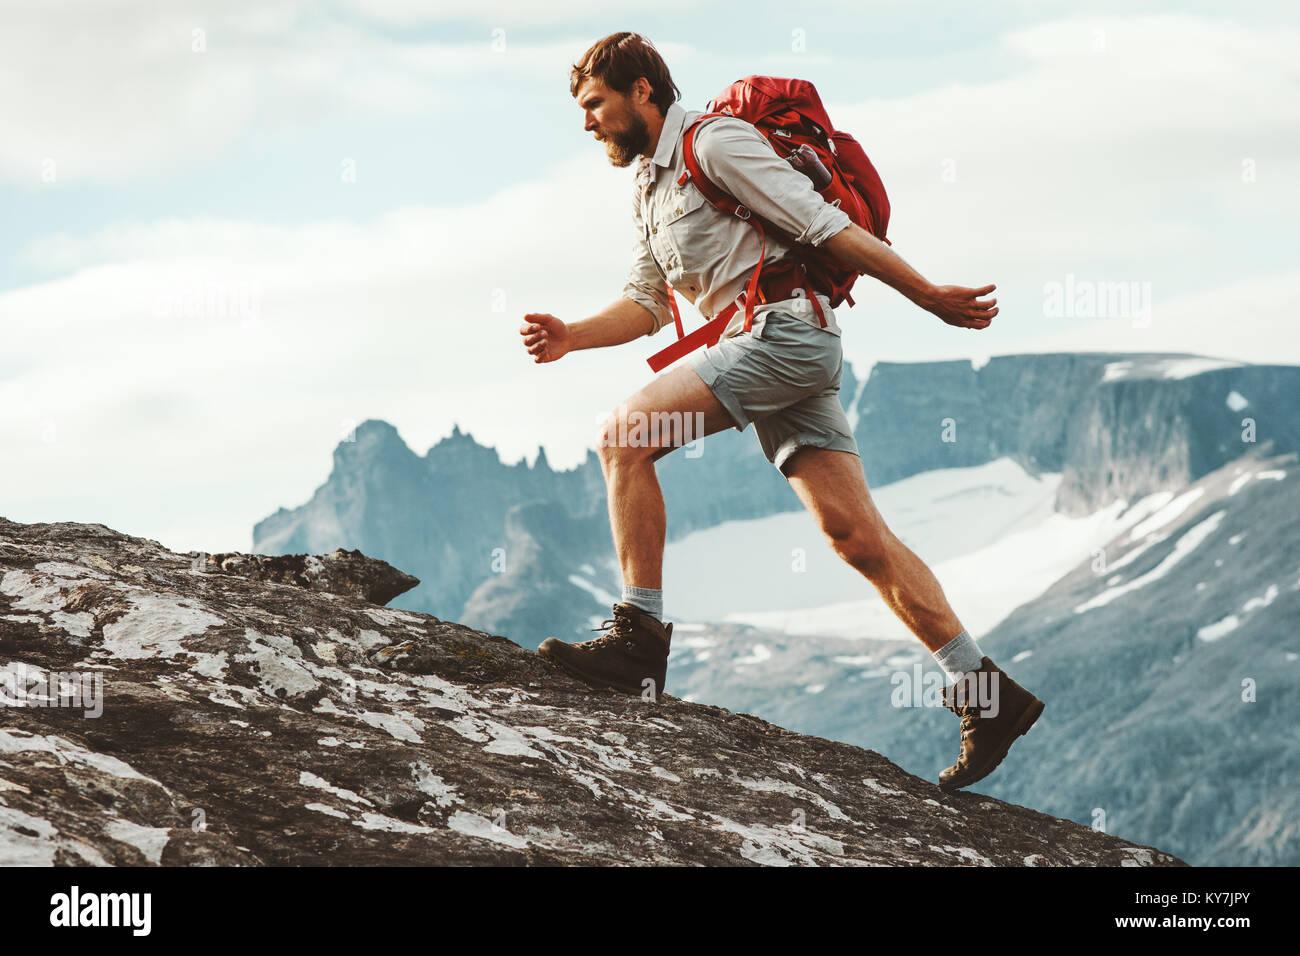 Mann Abenteurer skyrunning in Bergen mit Rucksack Norwegen Reisen Wandern lifestyle Konzept aktiven Wochenende Sommerferien Stockbild